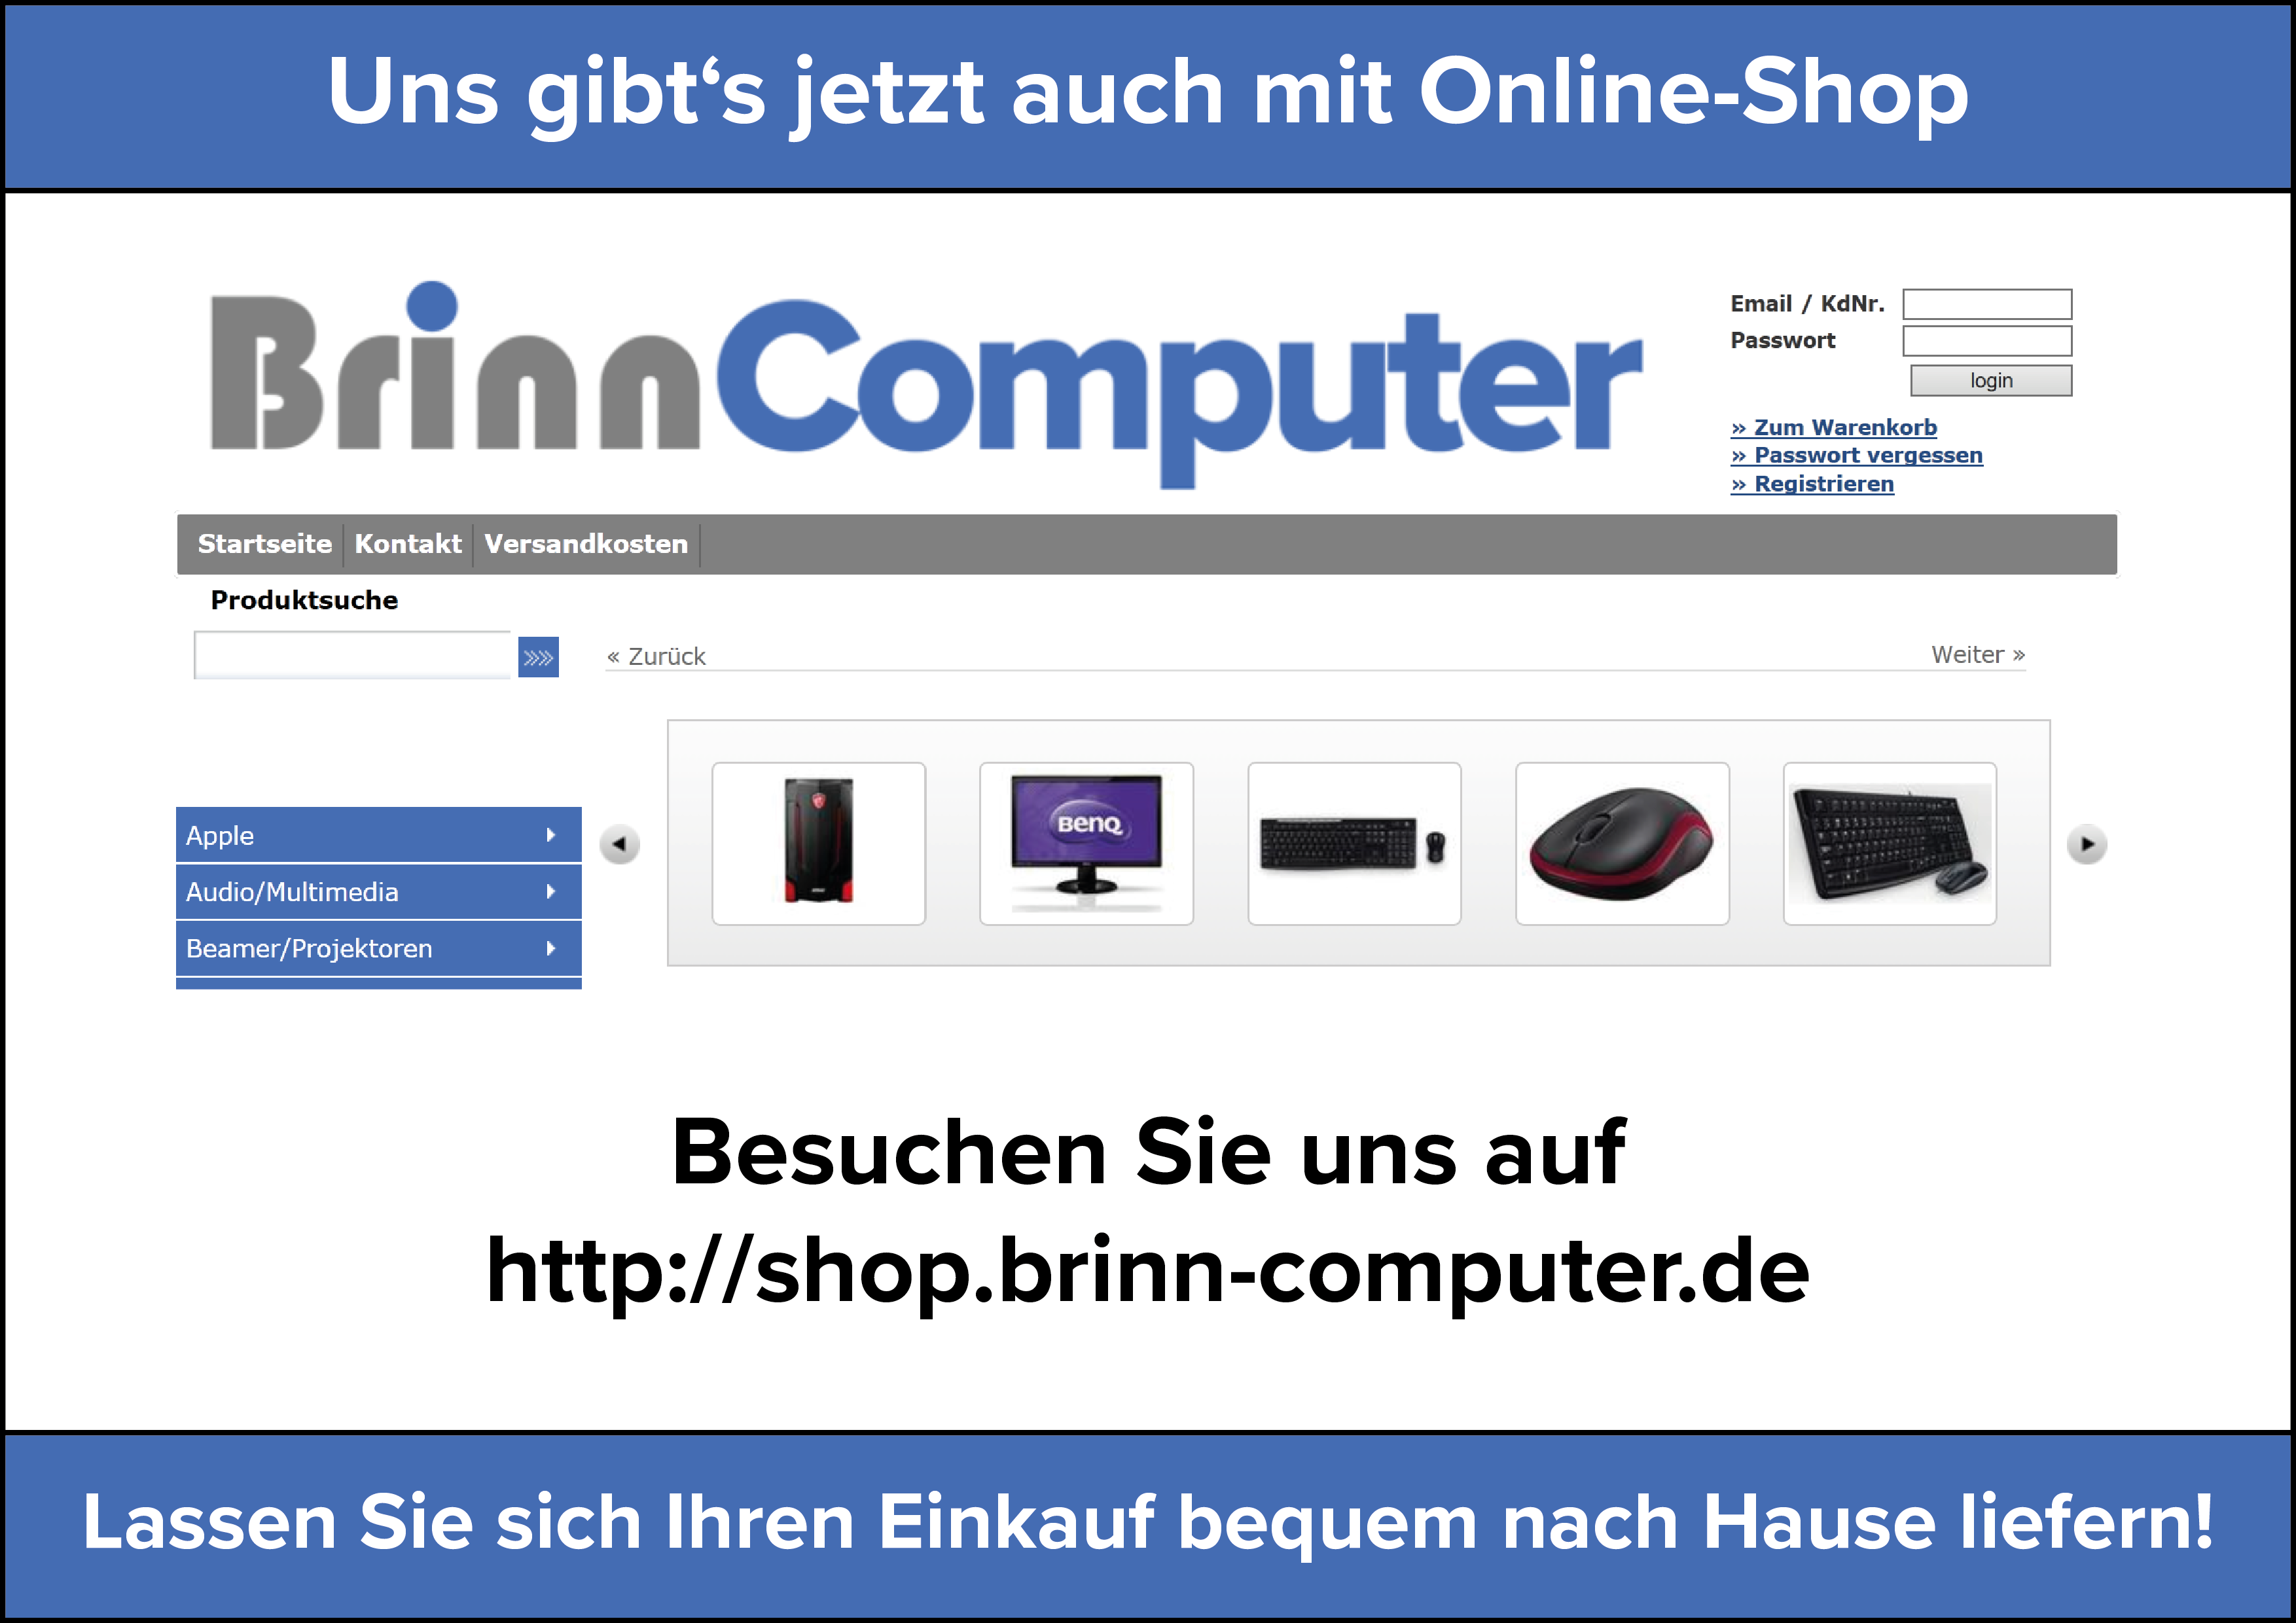 Brinn Computer